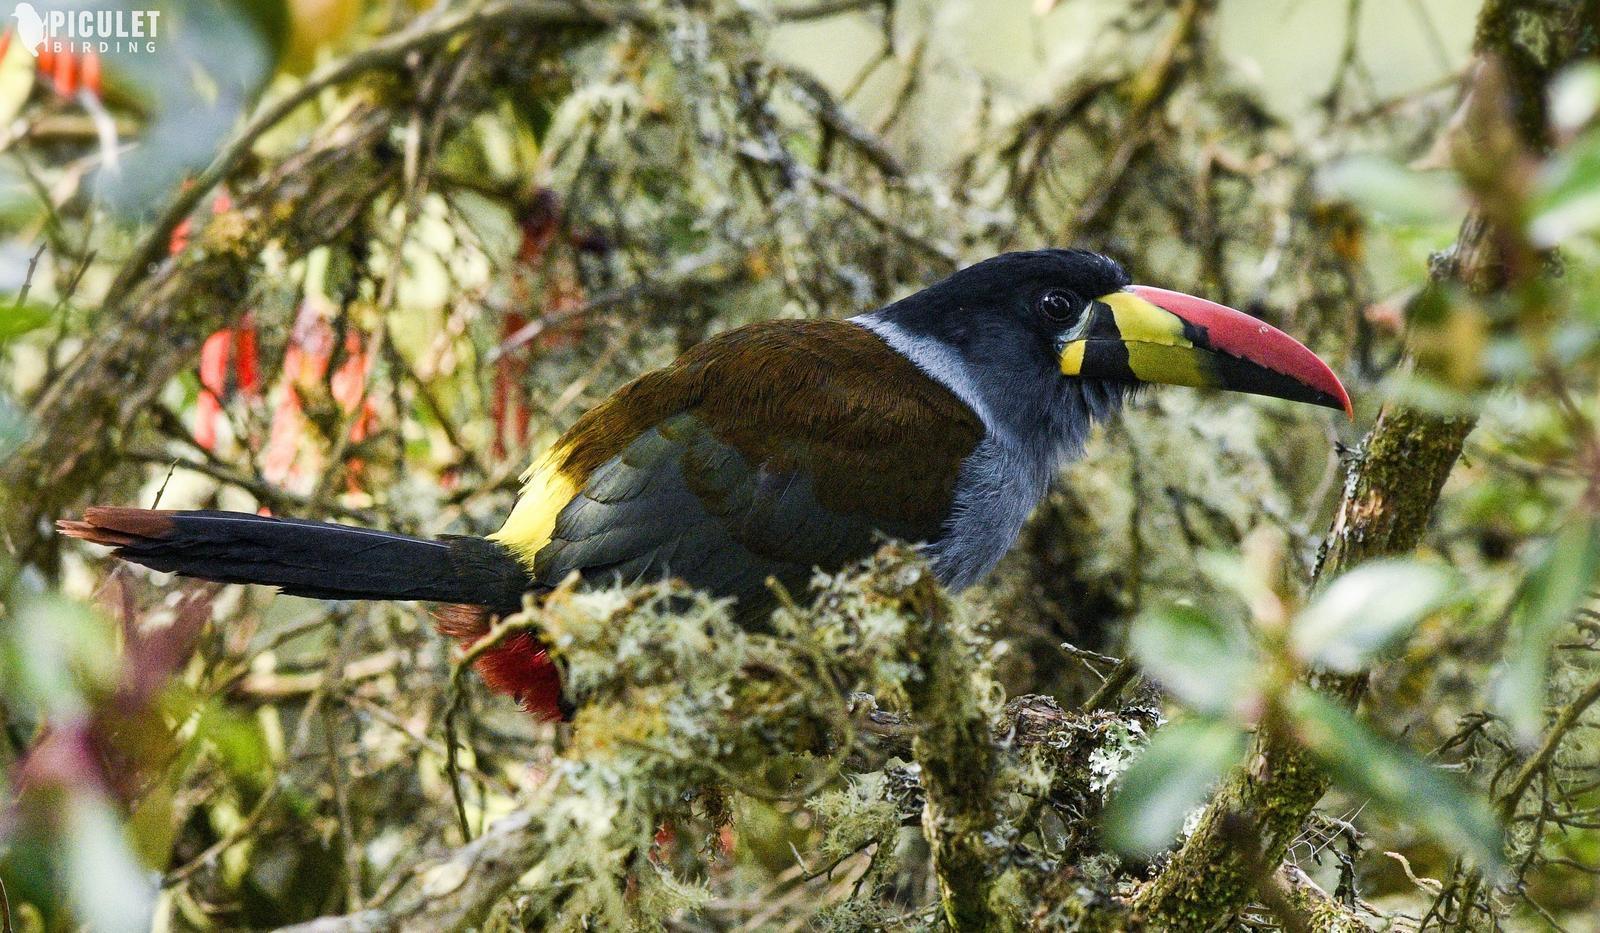 Gray-breasted Mountain-Toucan Photo by Julio Delgado